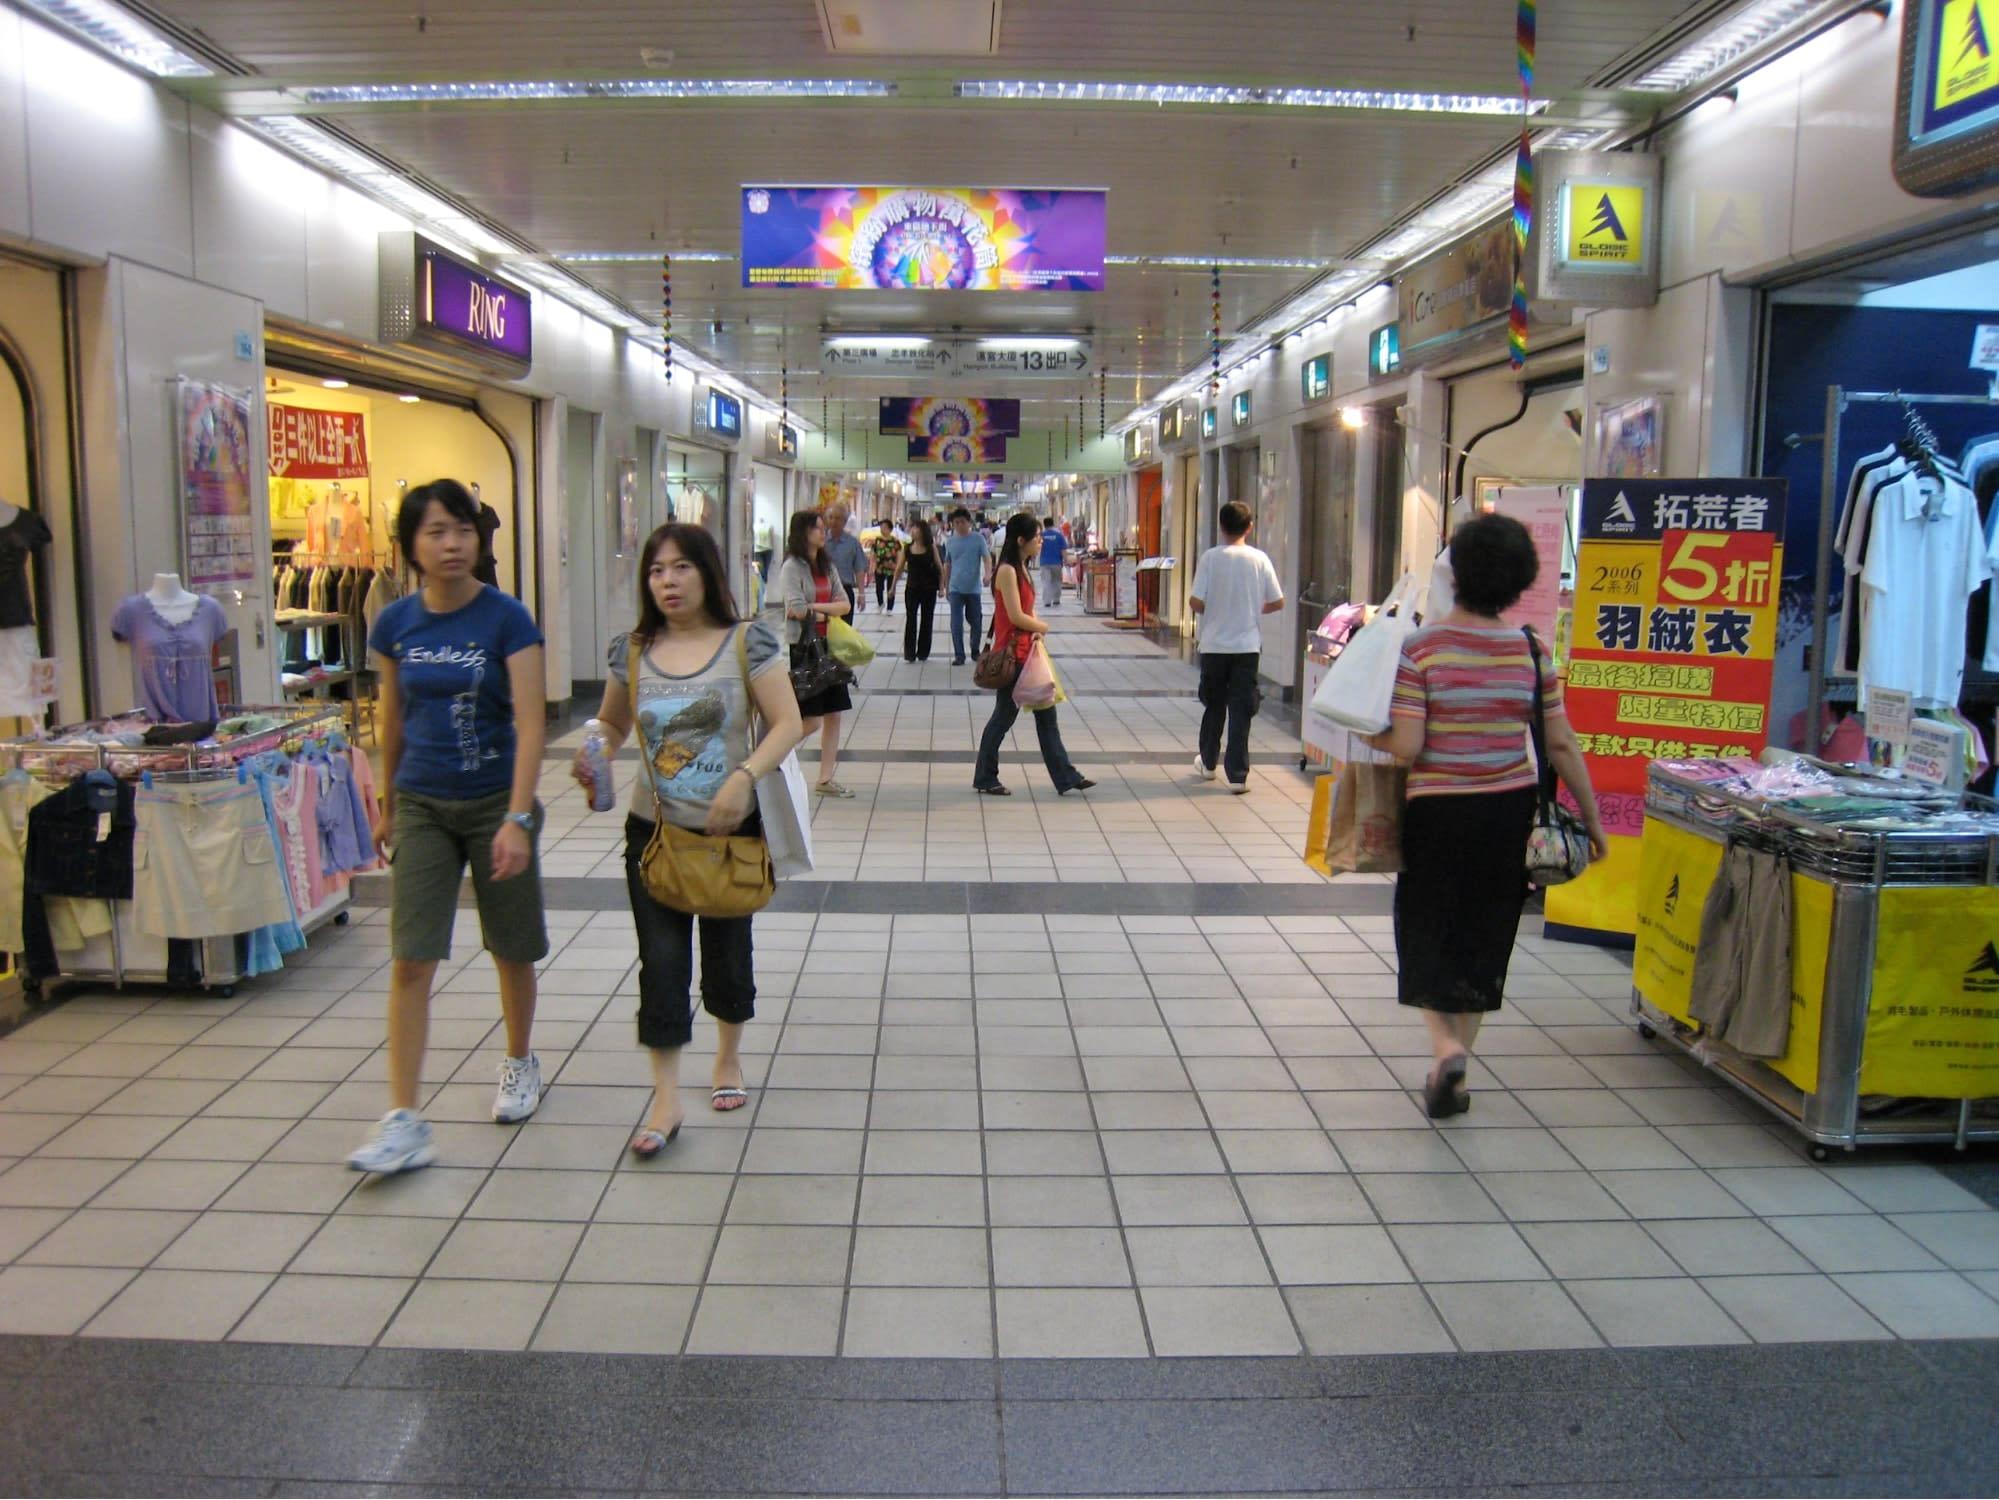 east metro mall đài loan